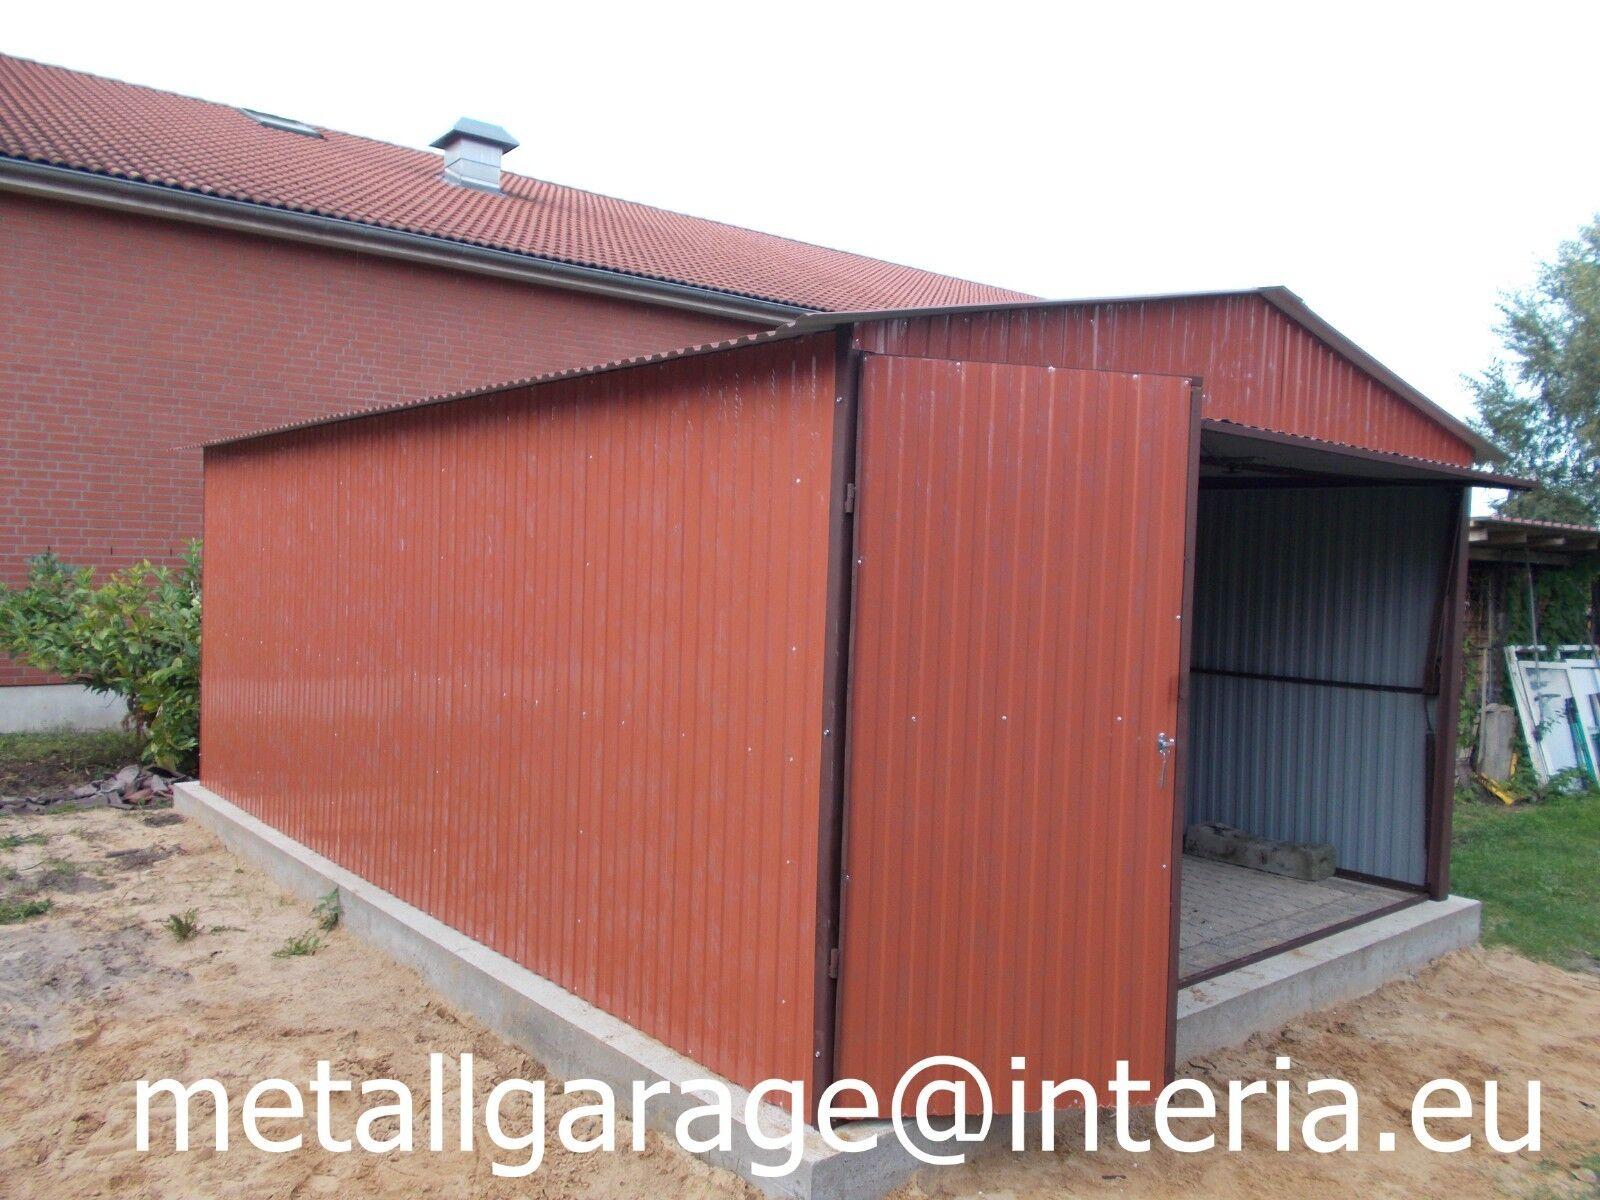 3,5x5,5 Schuppen Blechgarage Garage Fertiggarage Metallgarage Gartenhäuser KFZ